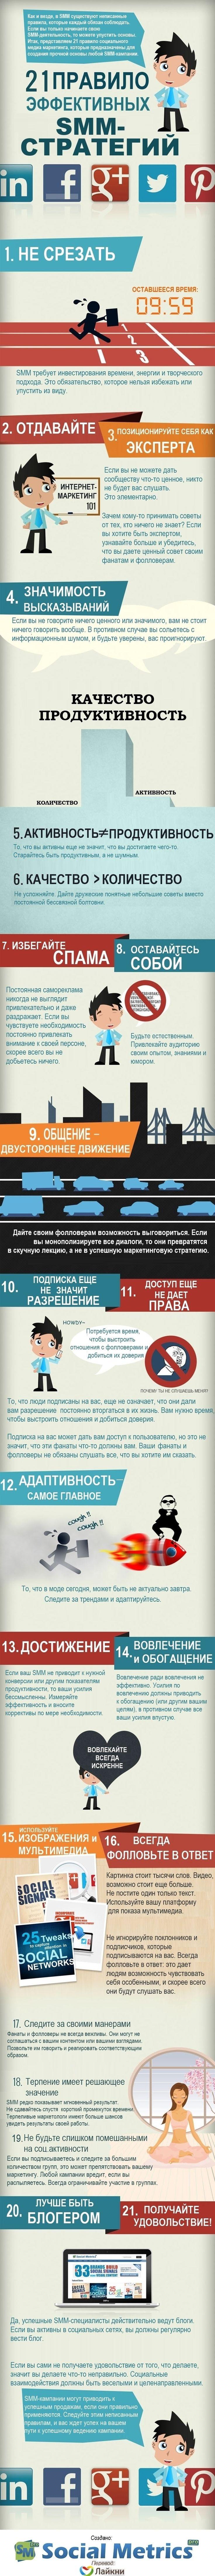 Инфографика: 21 правило эффективного SMM